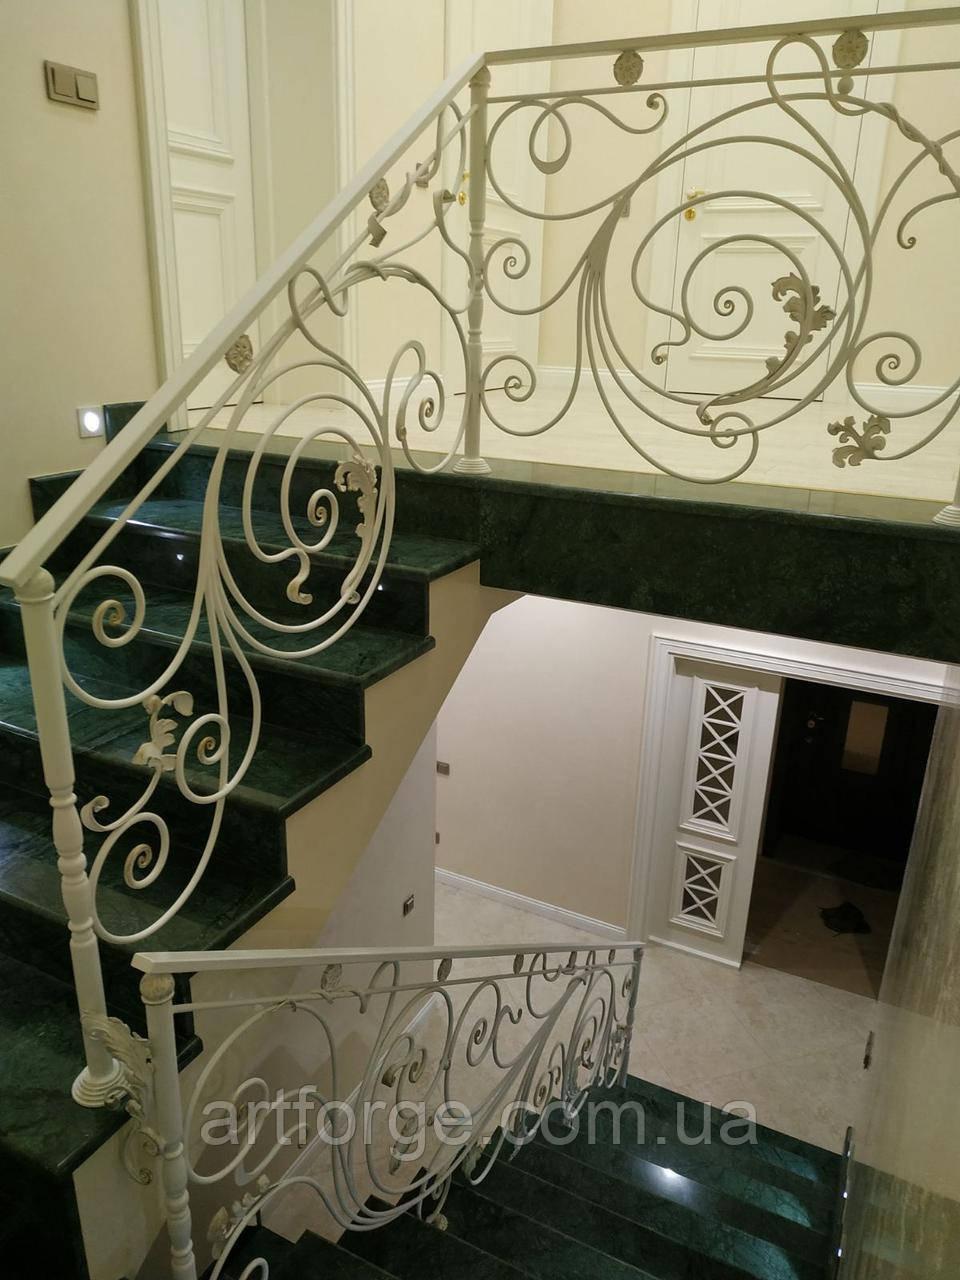 Кованые перила для лестницы. Ограждение лестницы.